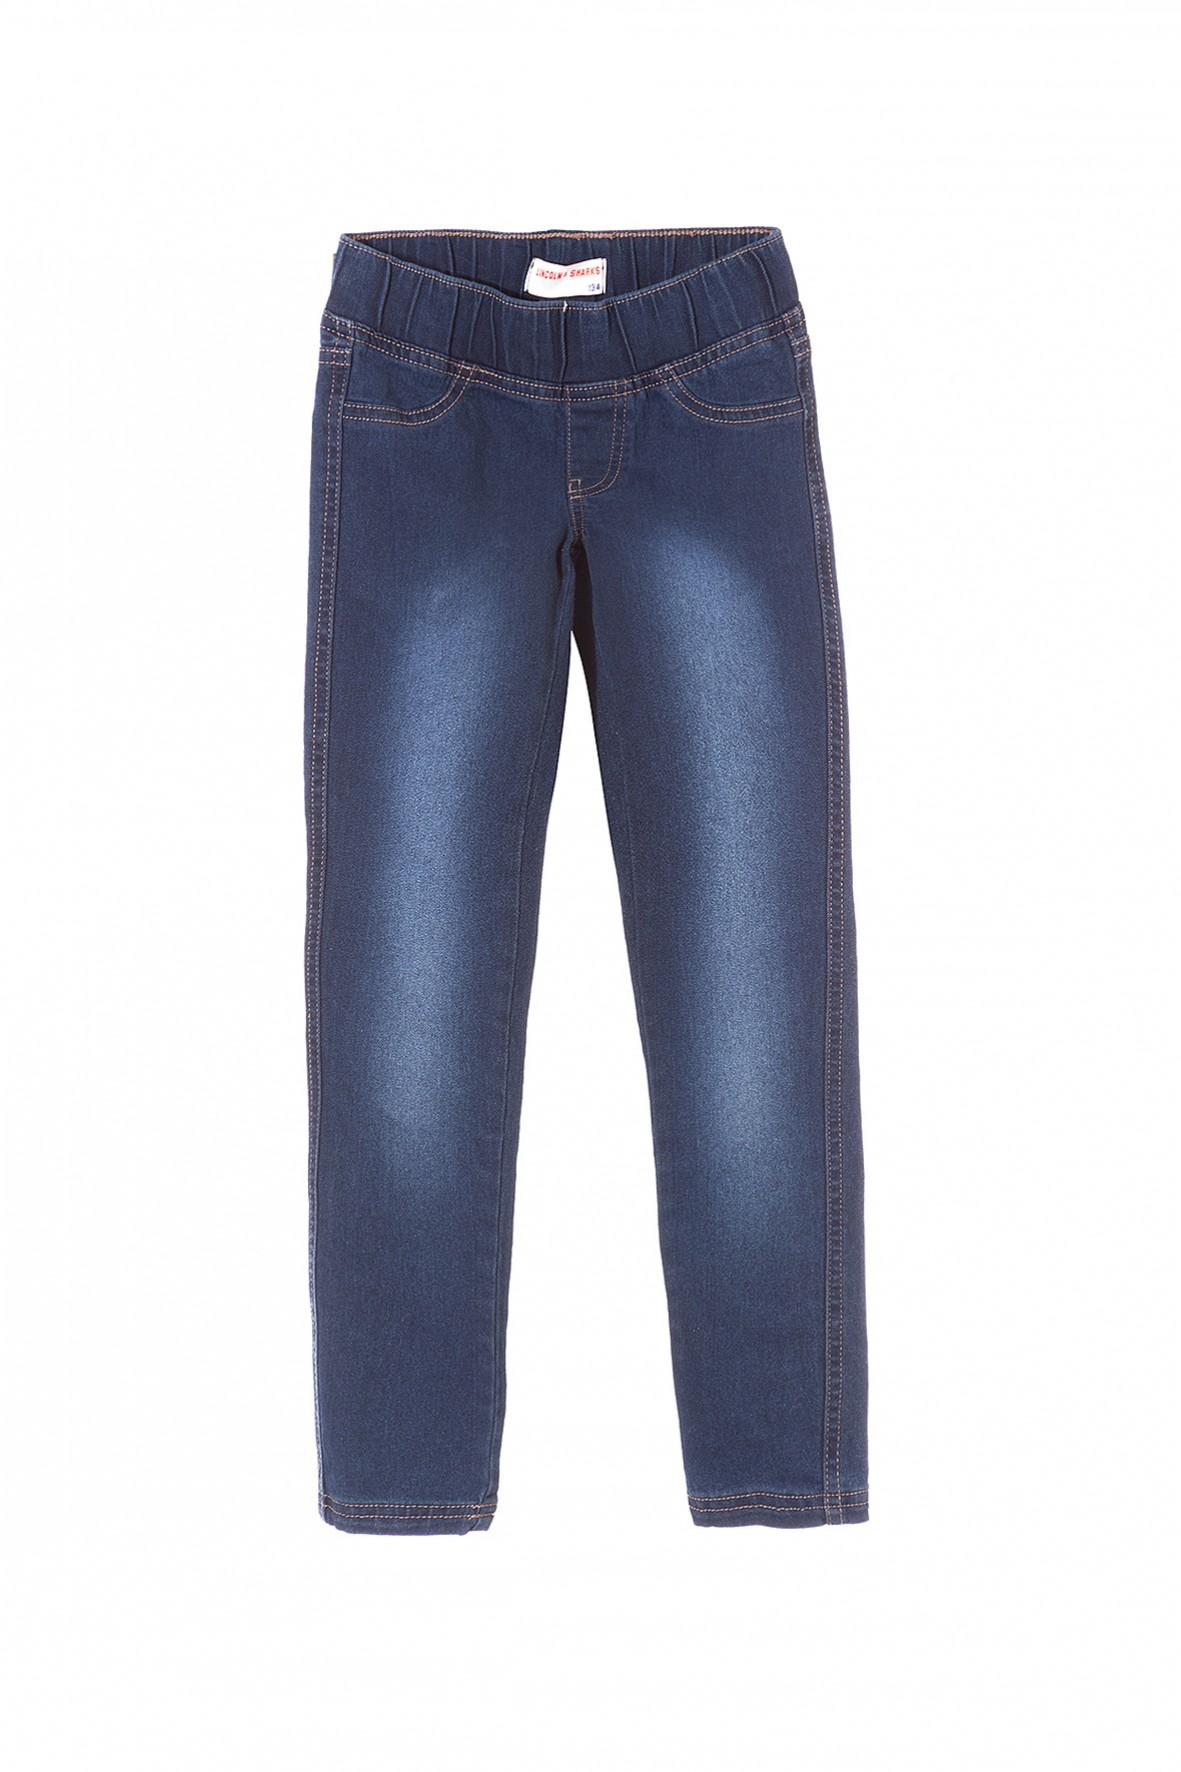 Spodnie opanowały świat! W tym sezonie wszyscy oszaleli za spódnico-spodniami i spodniami kończącymi się nad kostką. Uwielbiamy ducha lat , którego możemy poczuć noszą spodnie w wysoką talią i szerokimi nogawkami.